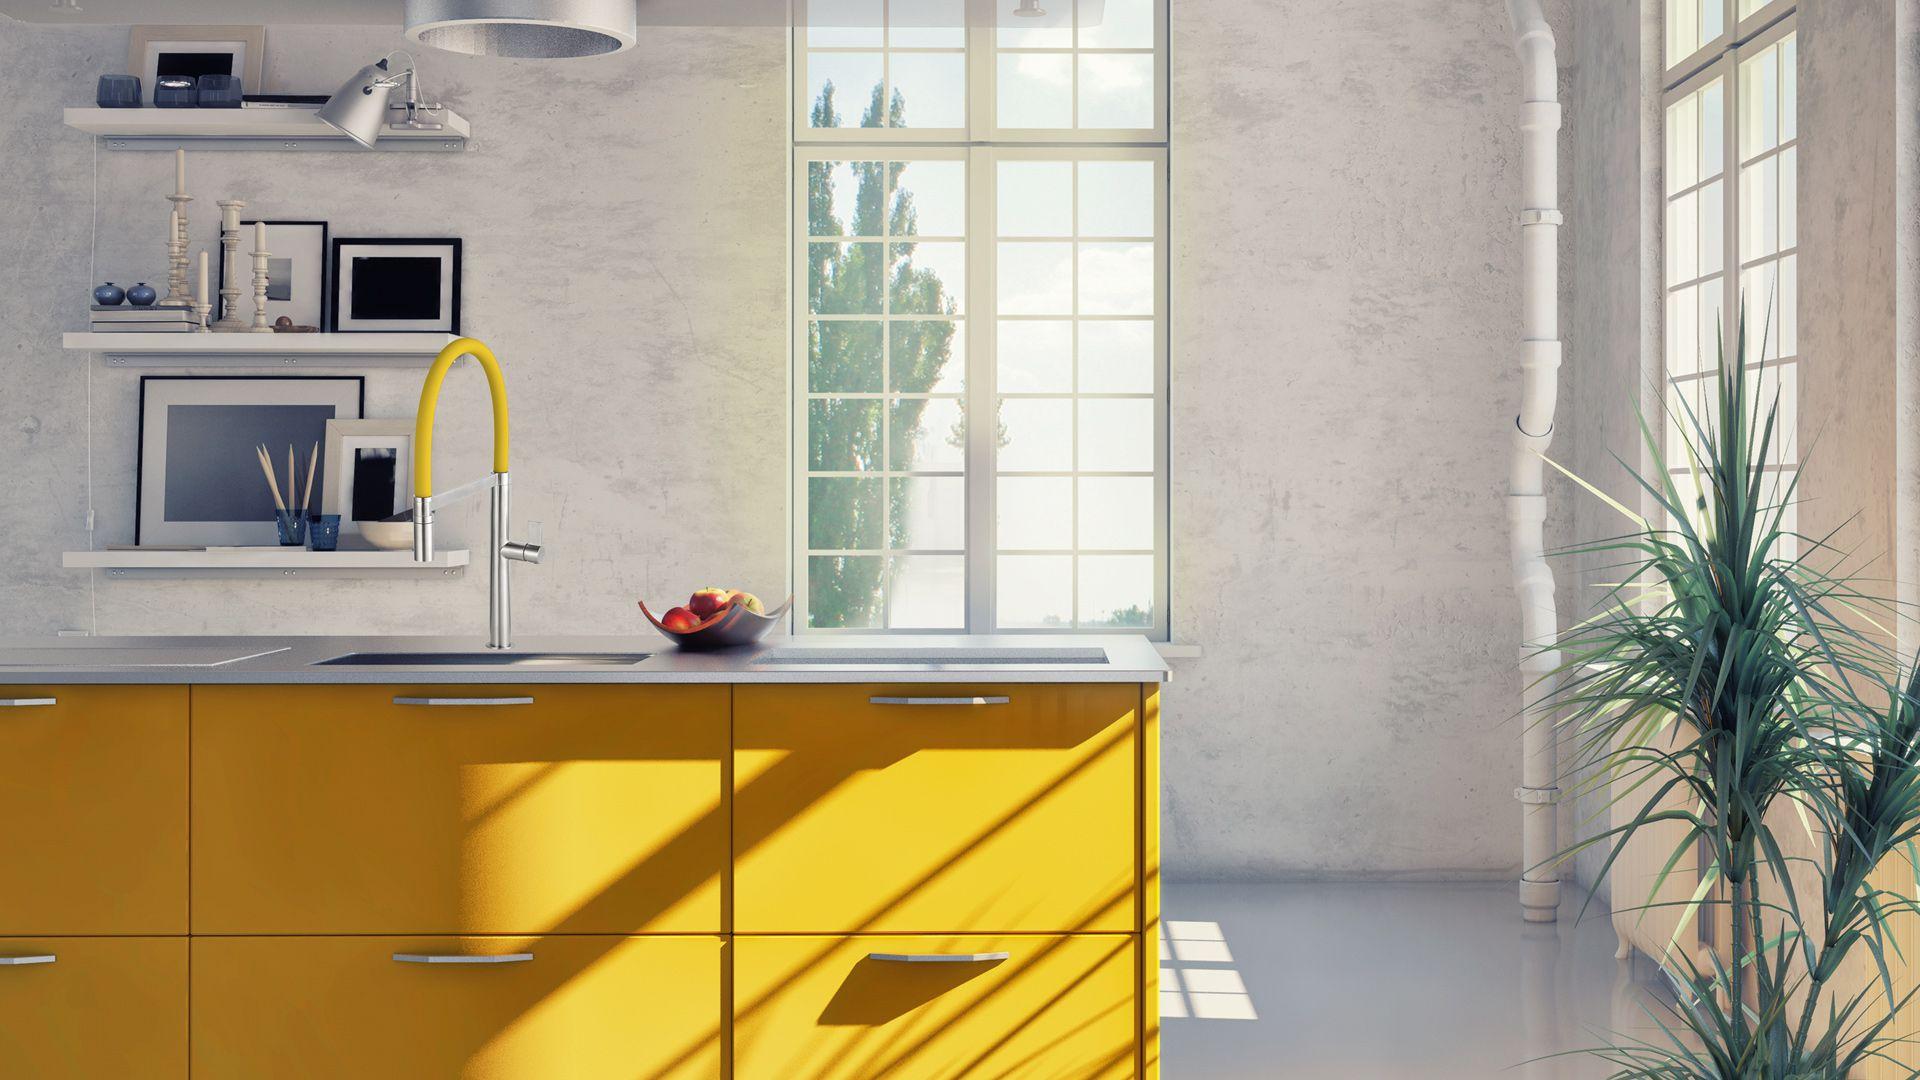 Geel De Keuken : Keuken met geel kookeiland en moderne kraan caressi colours